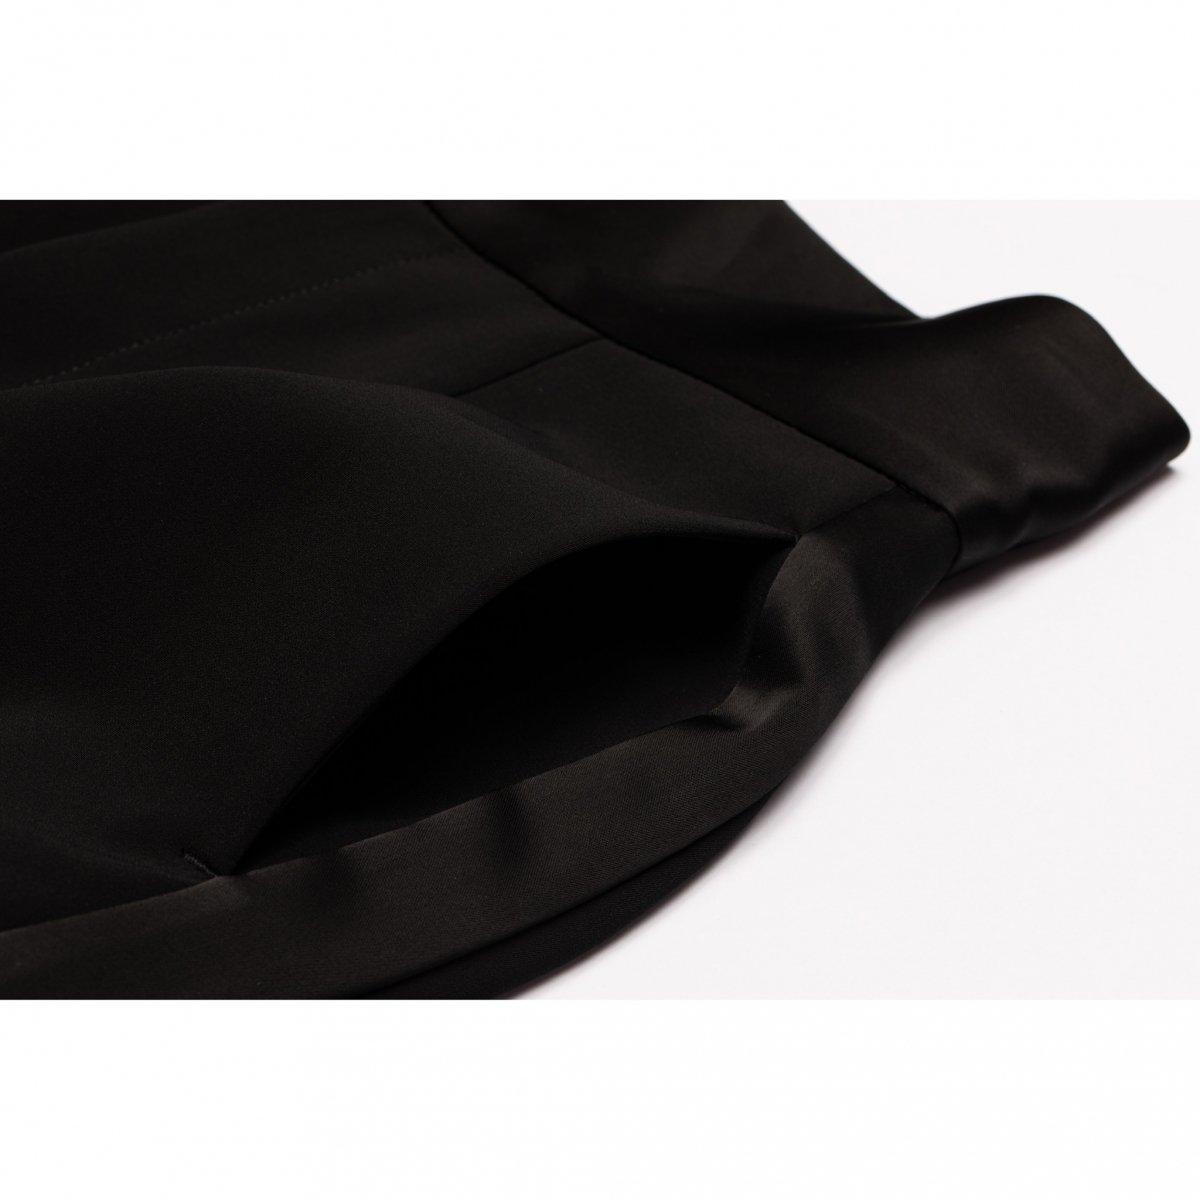 ハイウエストワイドパンツ(ブラック)